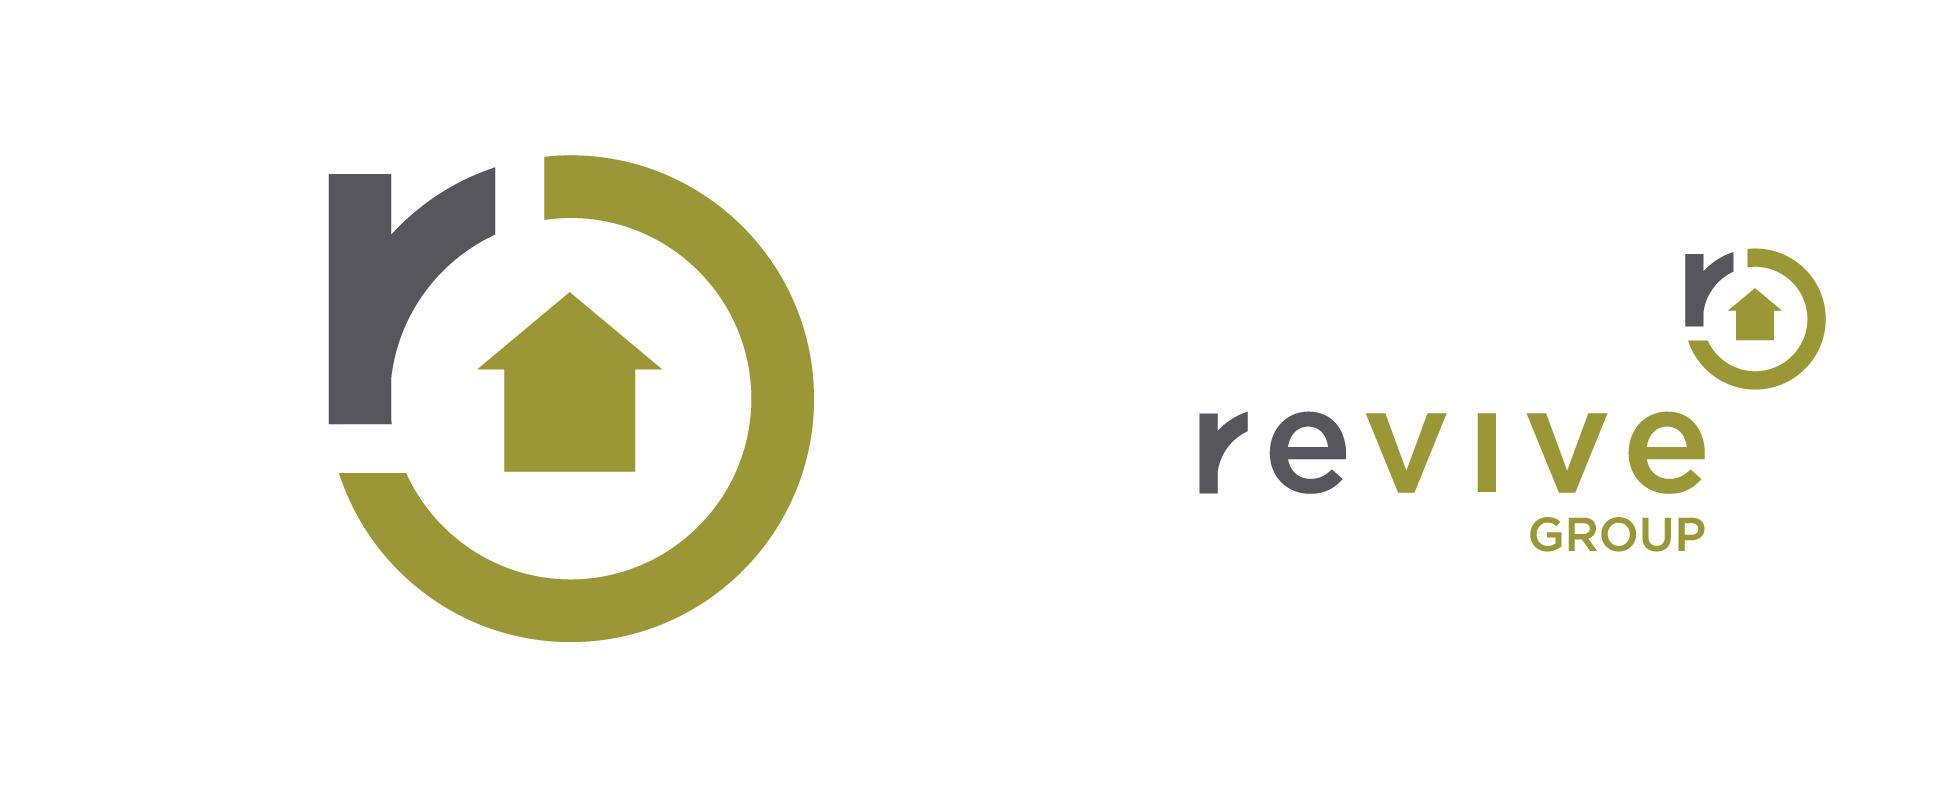 revive_group-01.jpg